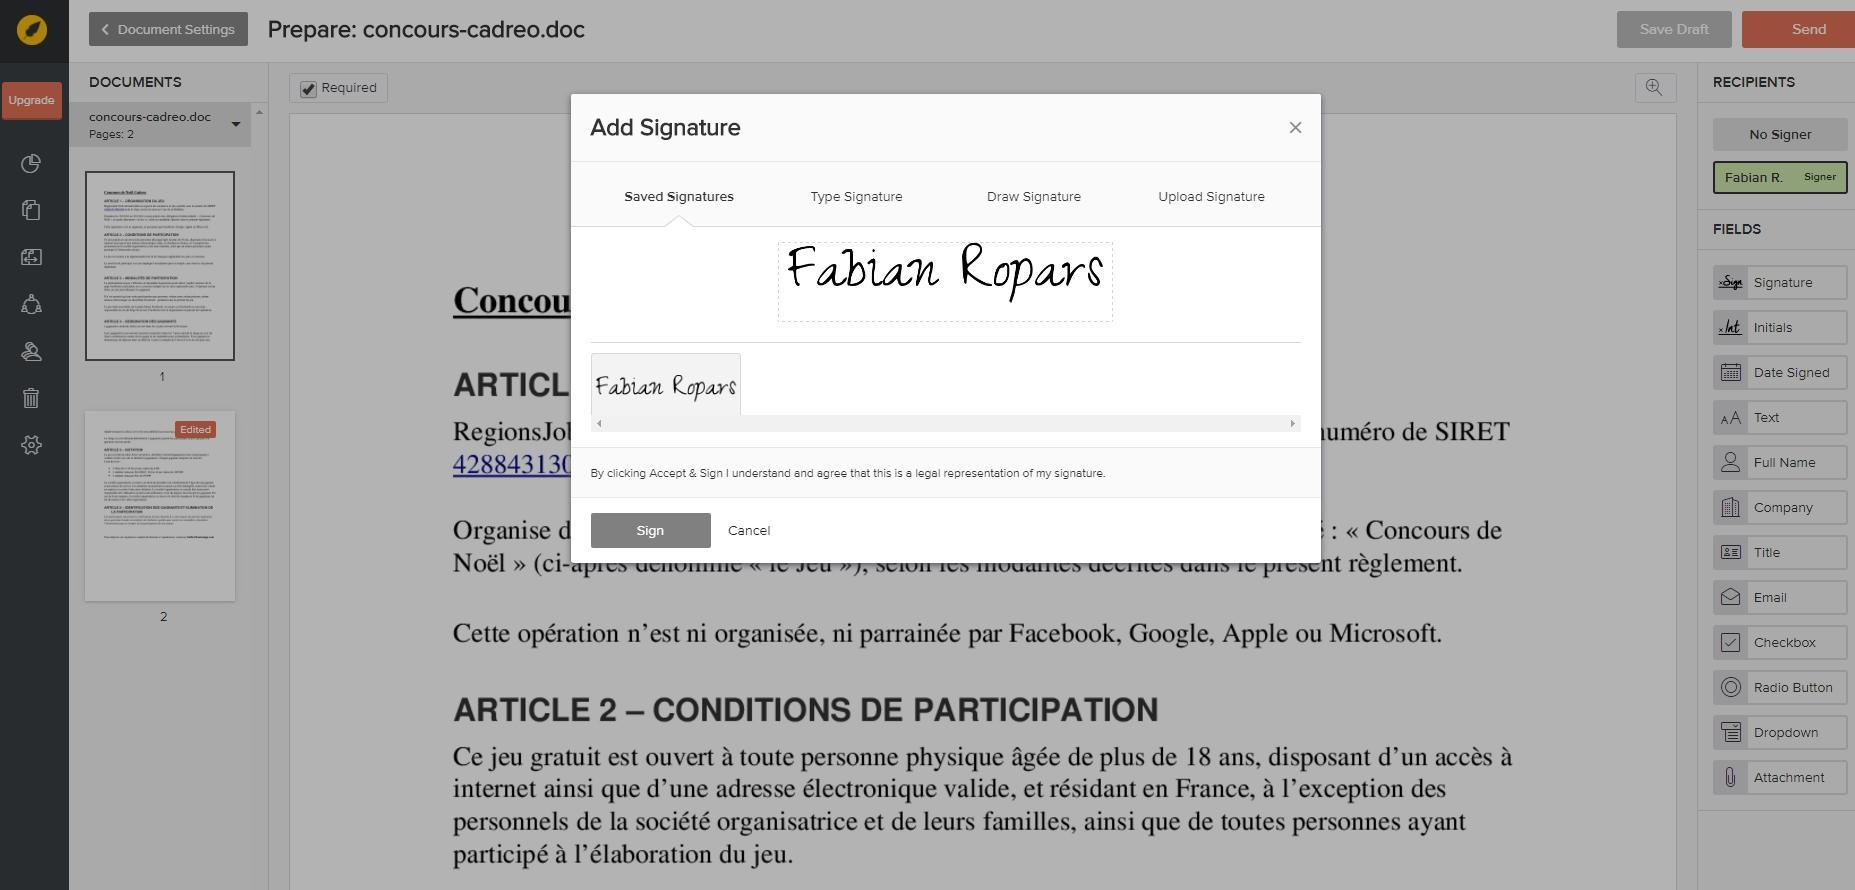 Avis eversign : La solution de gestion de signature électronique - appvizer